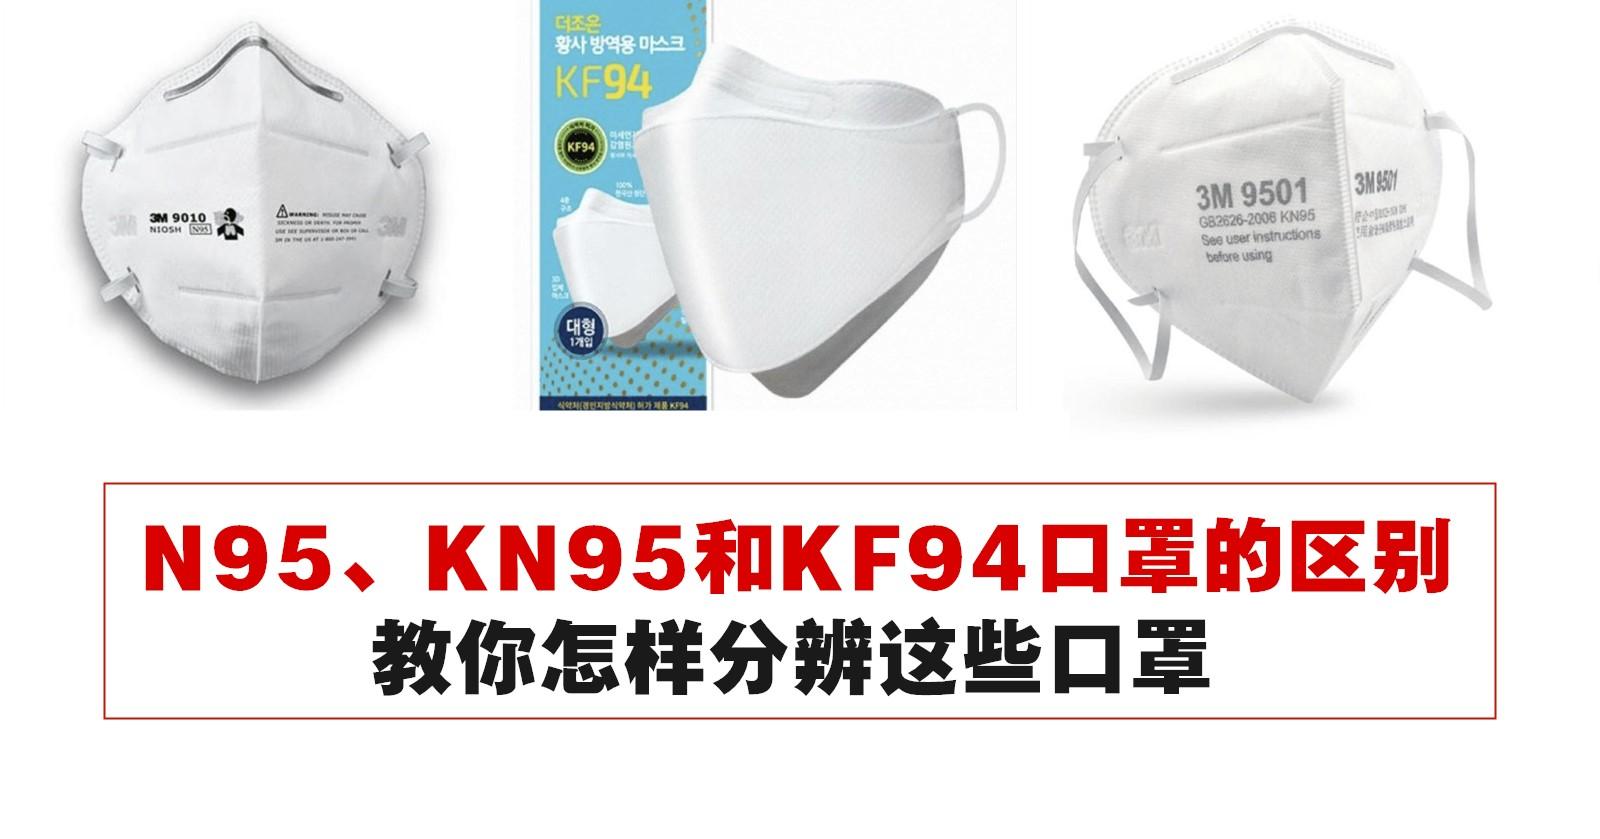 N95、KN95和KF94口罩的区别